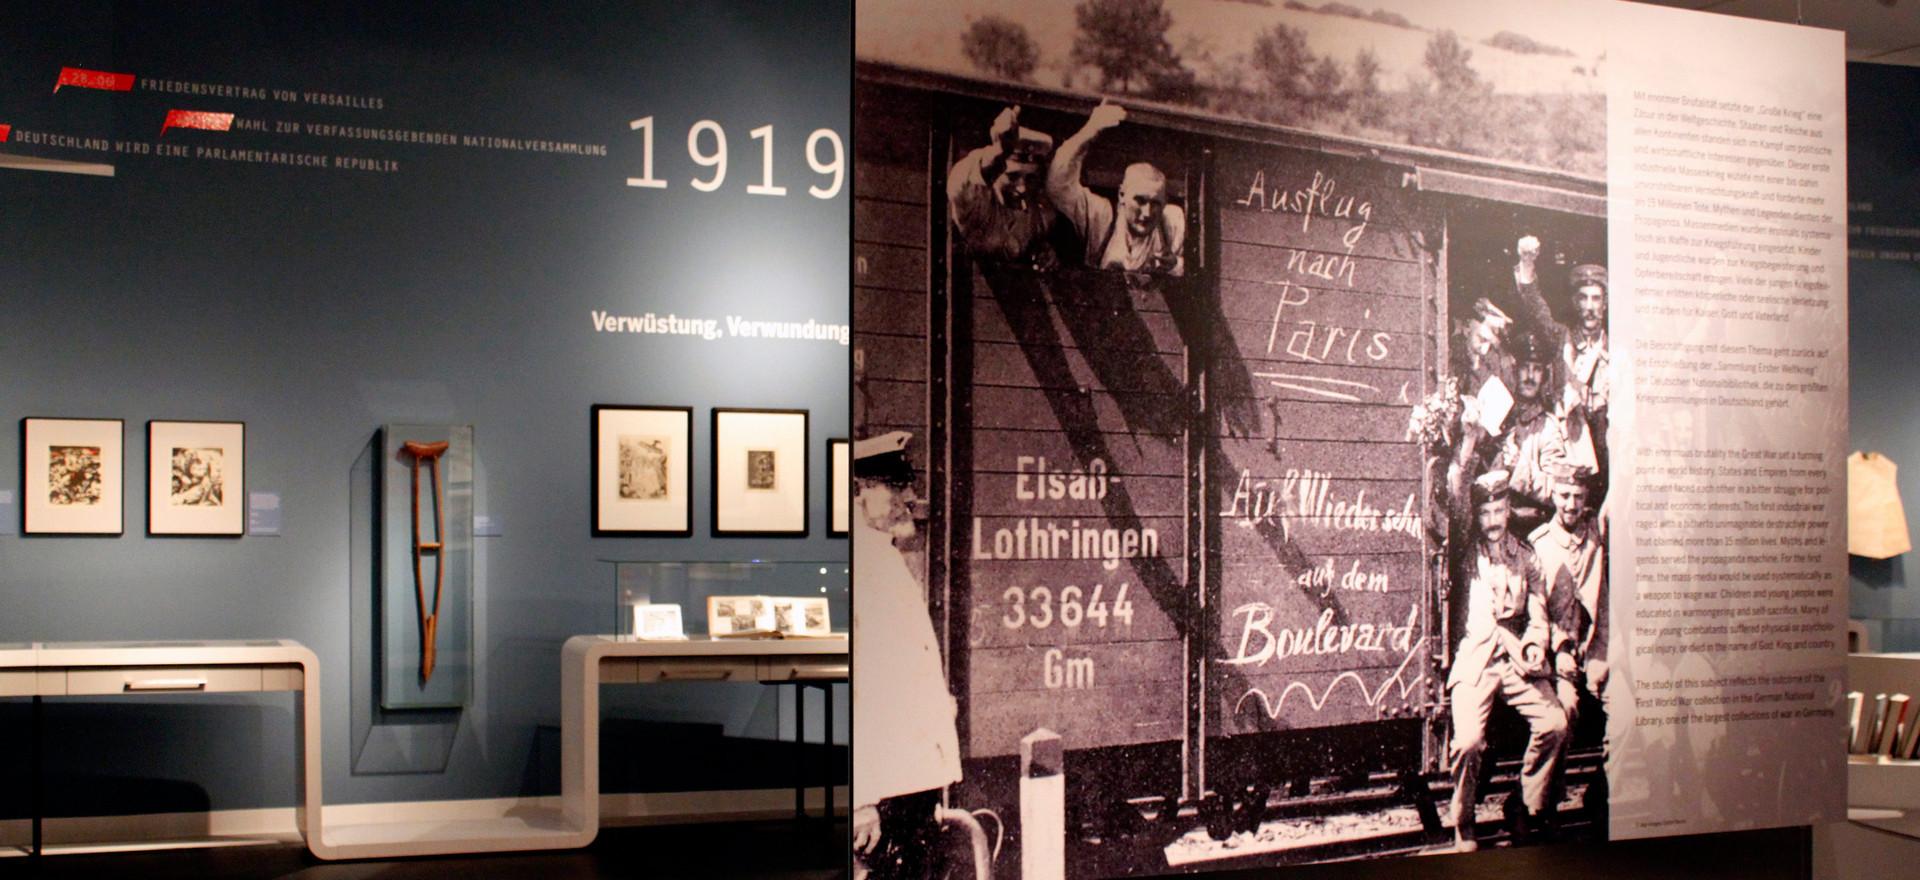 Kindheit und Jugend im Ersten Weltkrieg